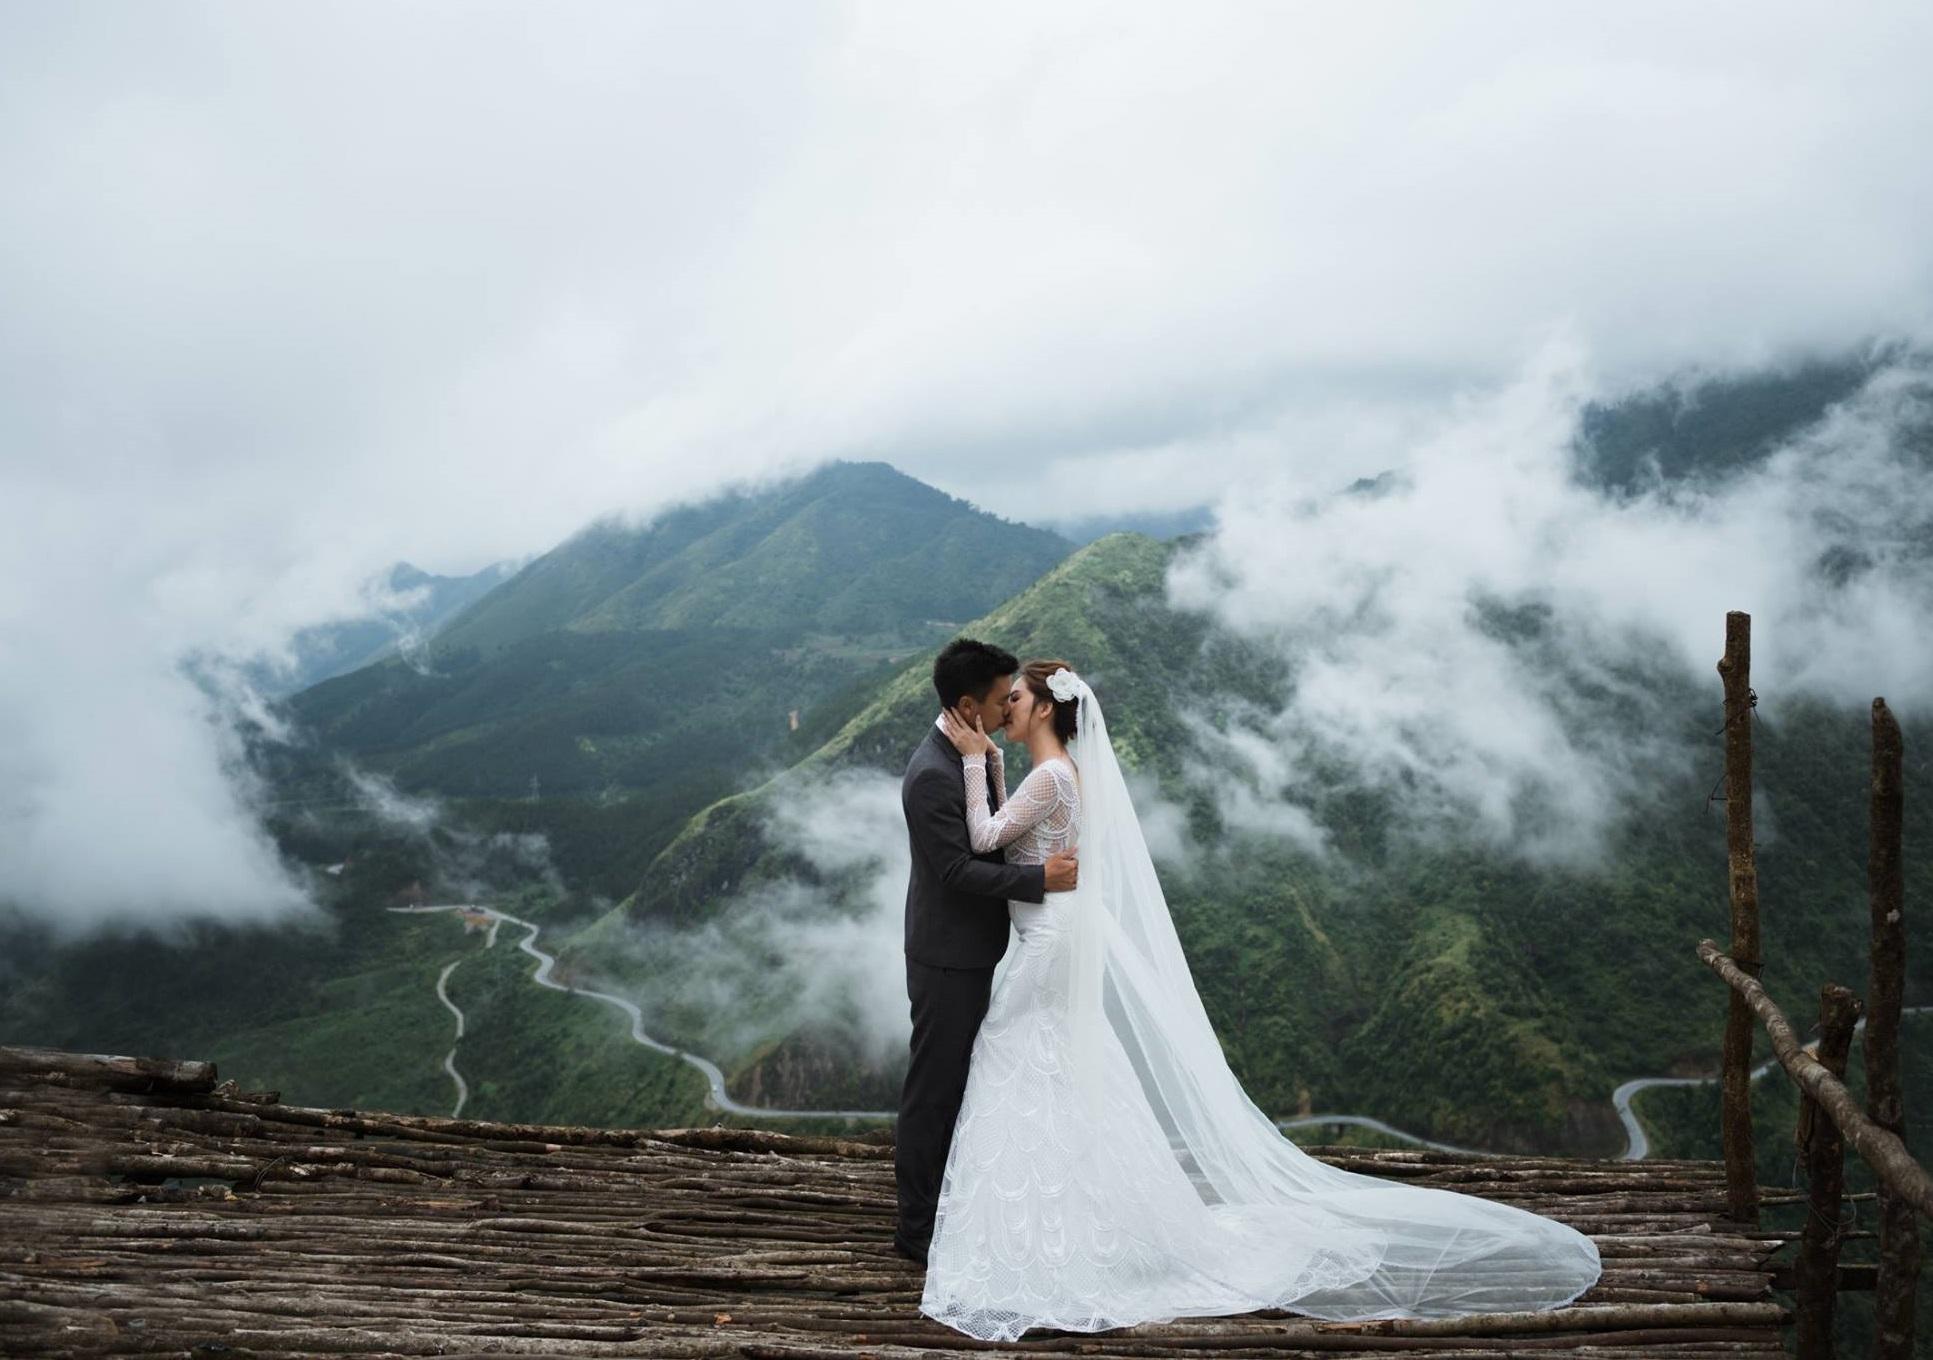 Kinh nghiệm Chụp ảnh cưới ở Sapa